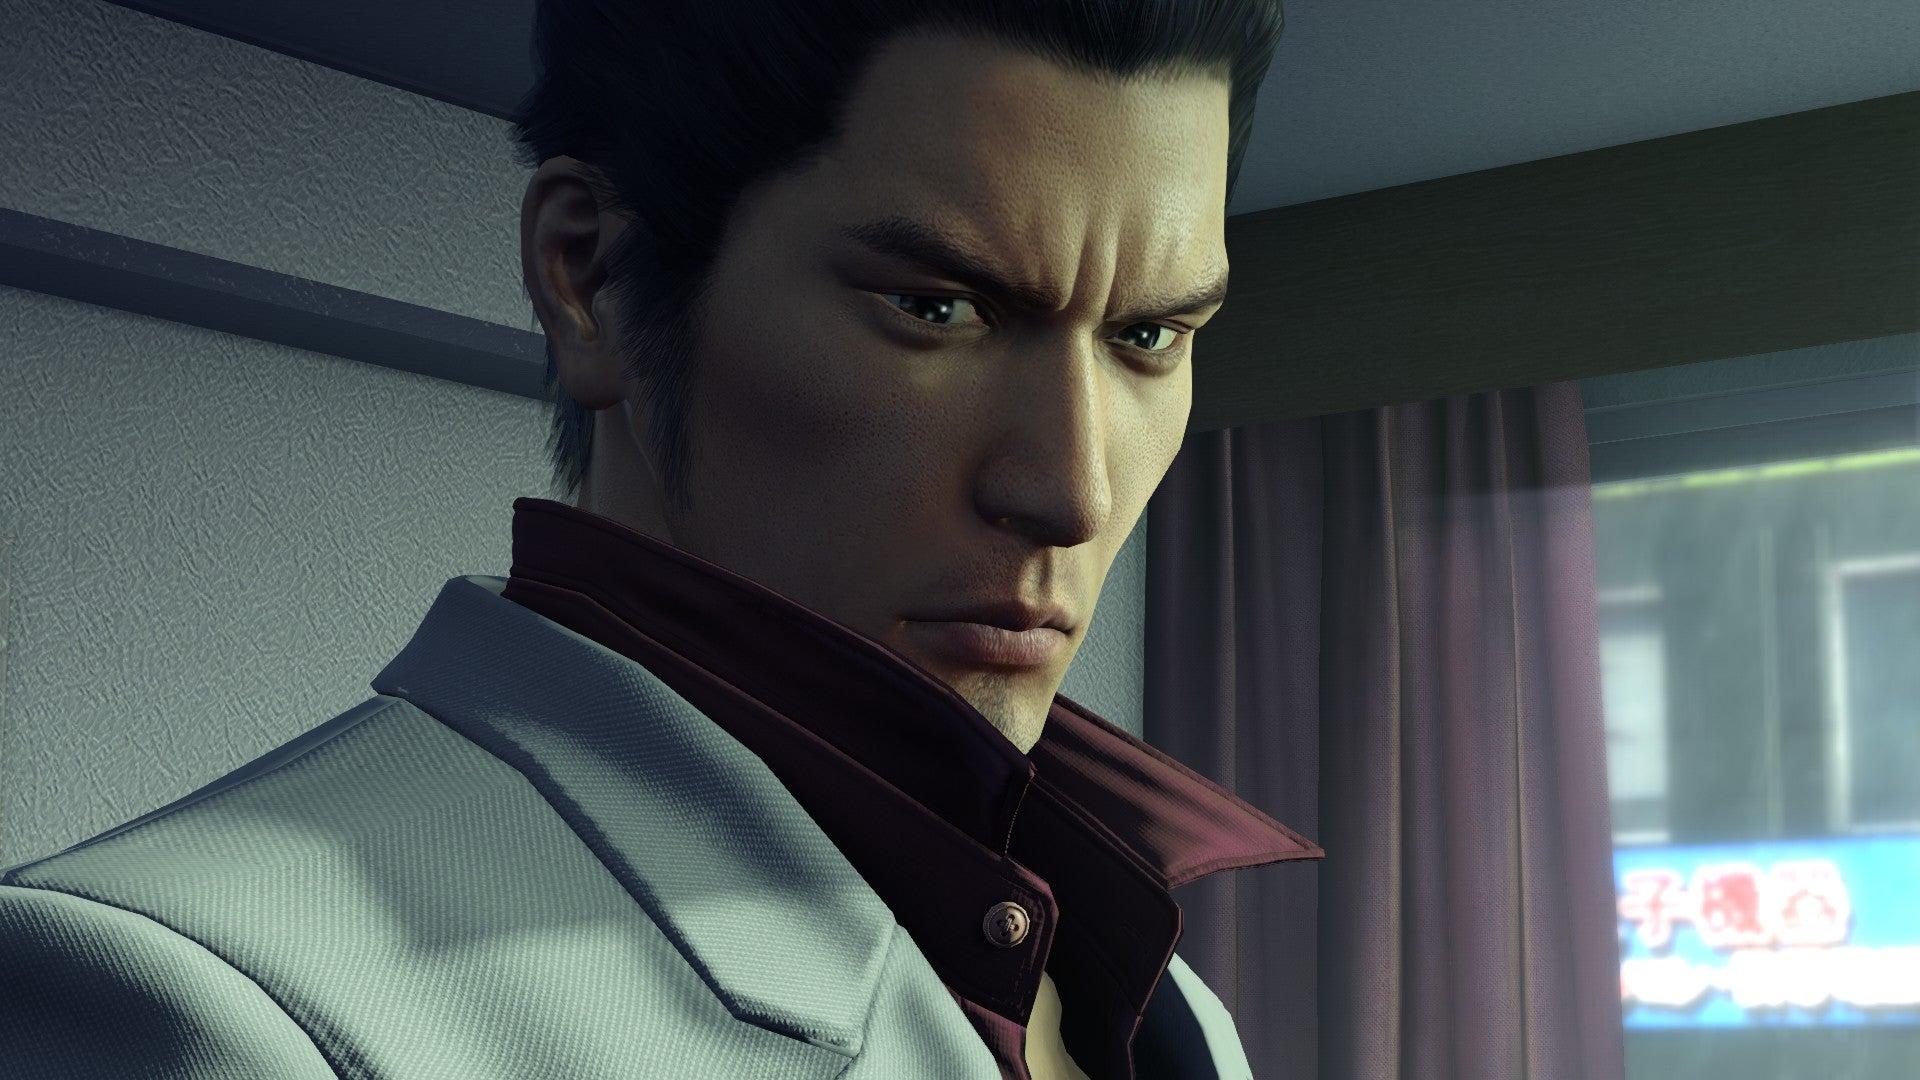 Image for Yakuza Kiwami out today on PC through Steam